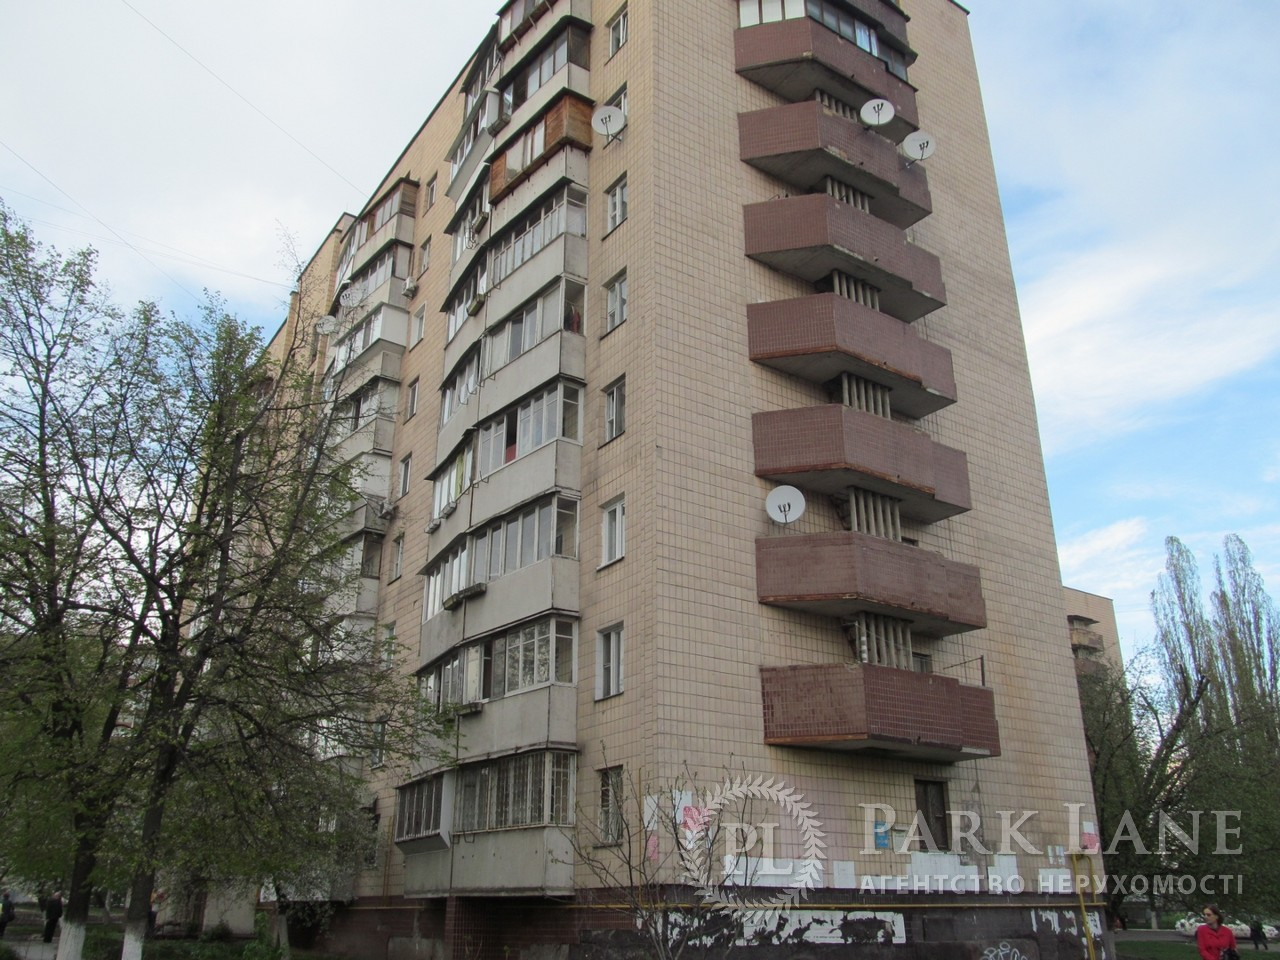 Квартира вул. Жолудєва, 3, Київ, N-21712 - Фото 1